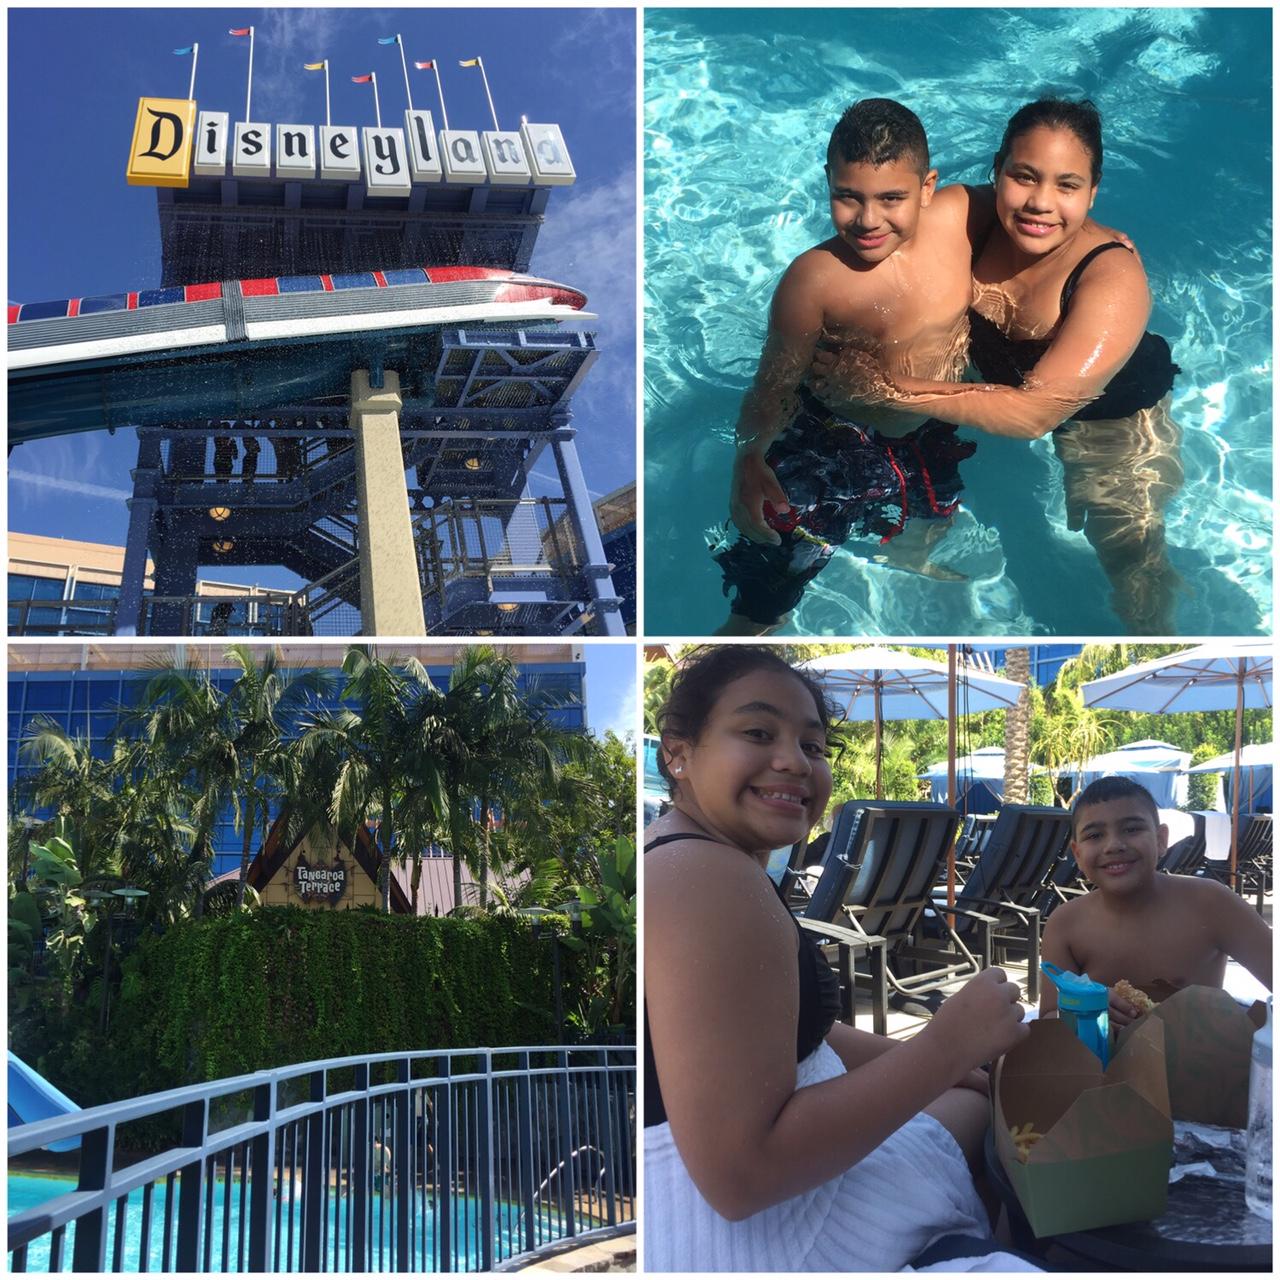 disneyland-hotel-review-pool.jpg